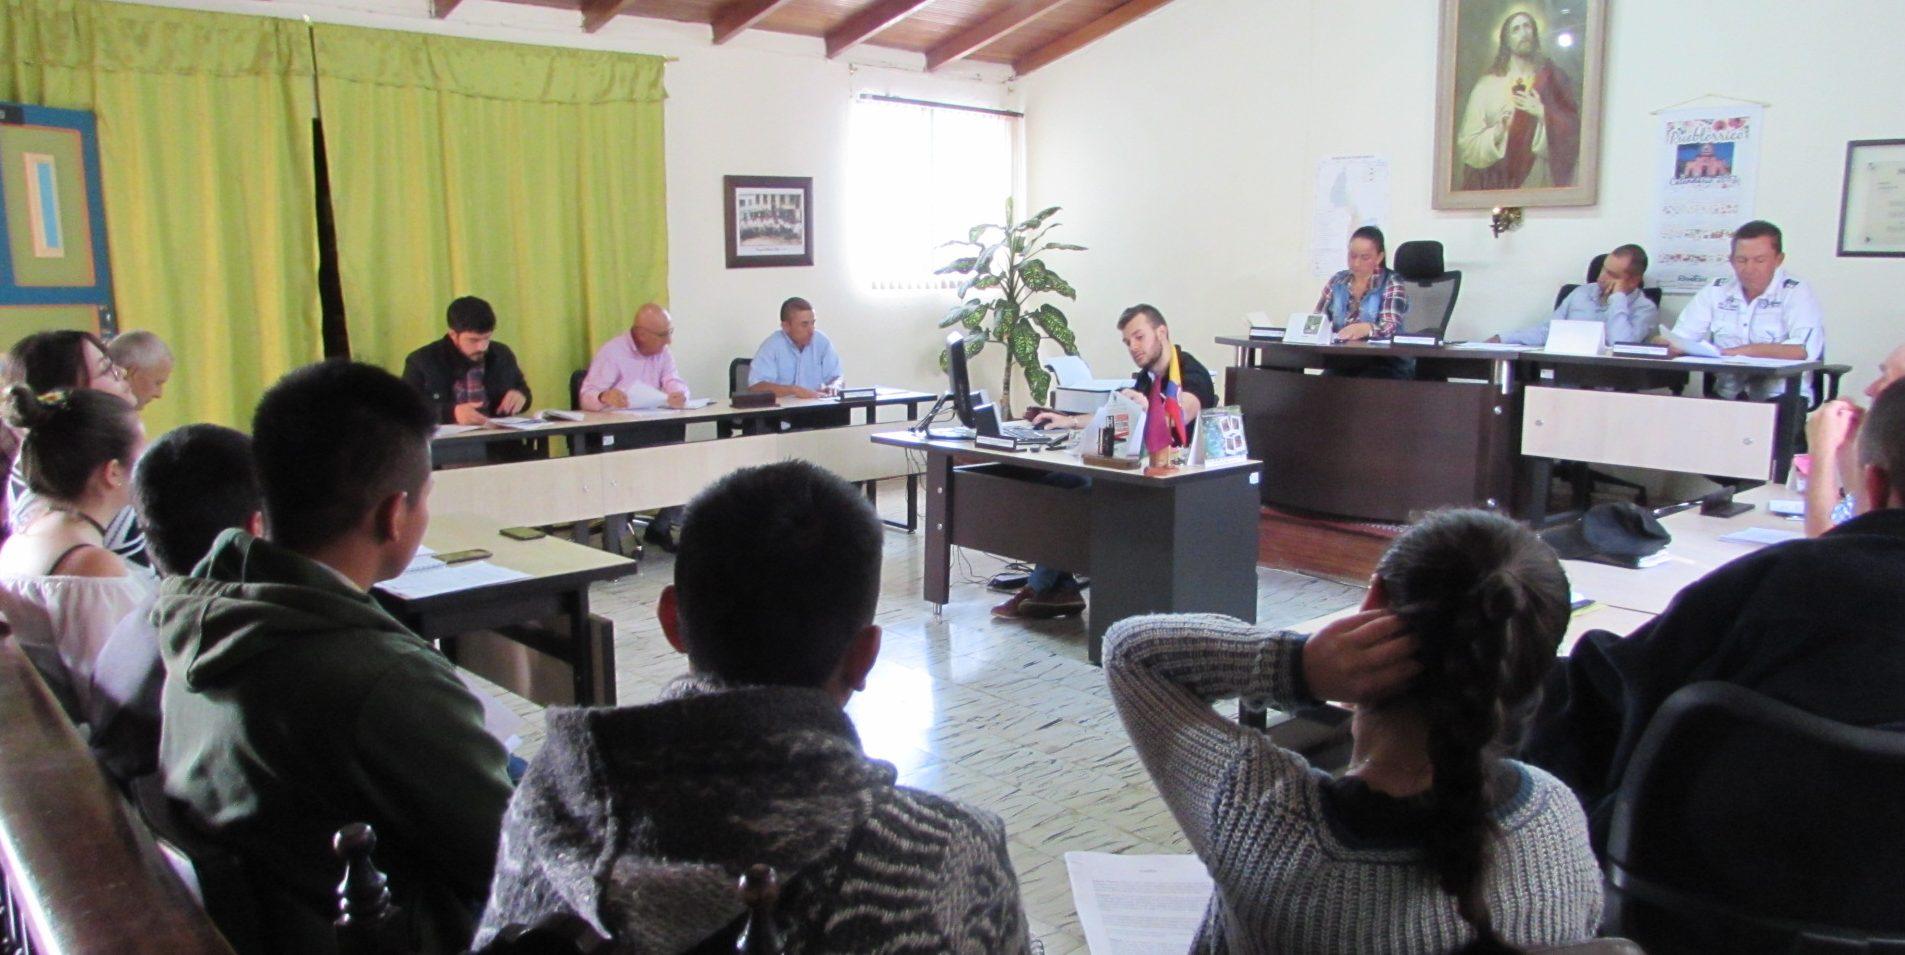 Socialización Proyectos de Acuerdo por parte de voceros del Comité de Concertación Social de Pueblorrico, Cinturón Occidental Ambiental COA y Colectivo de Abogados José Alvear Restrepo CAJAR